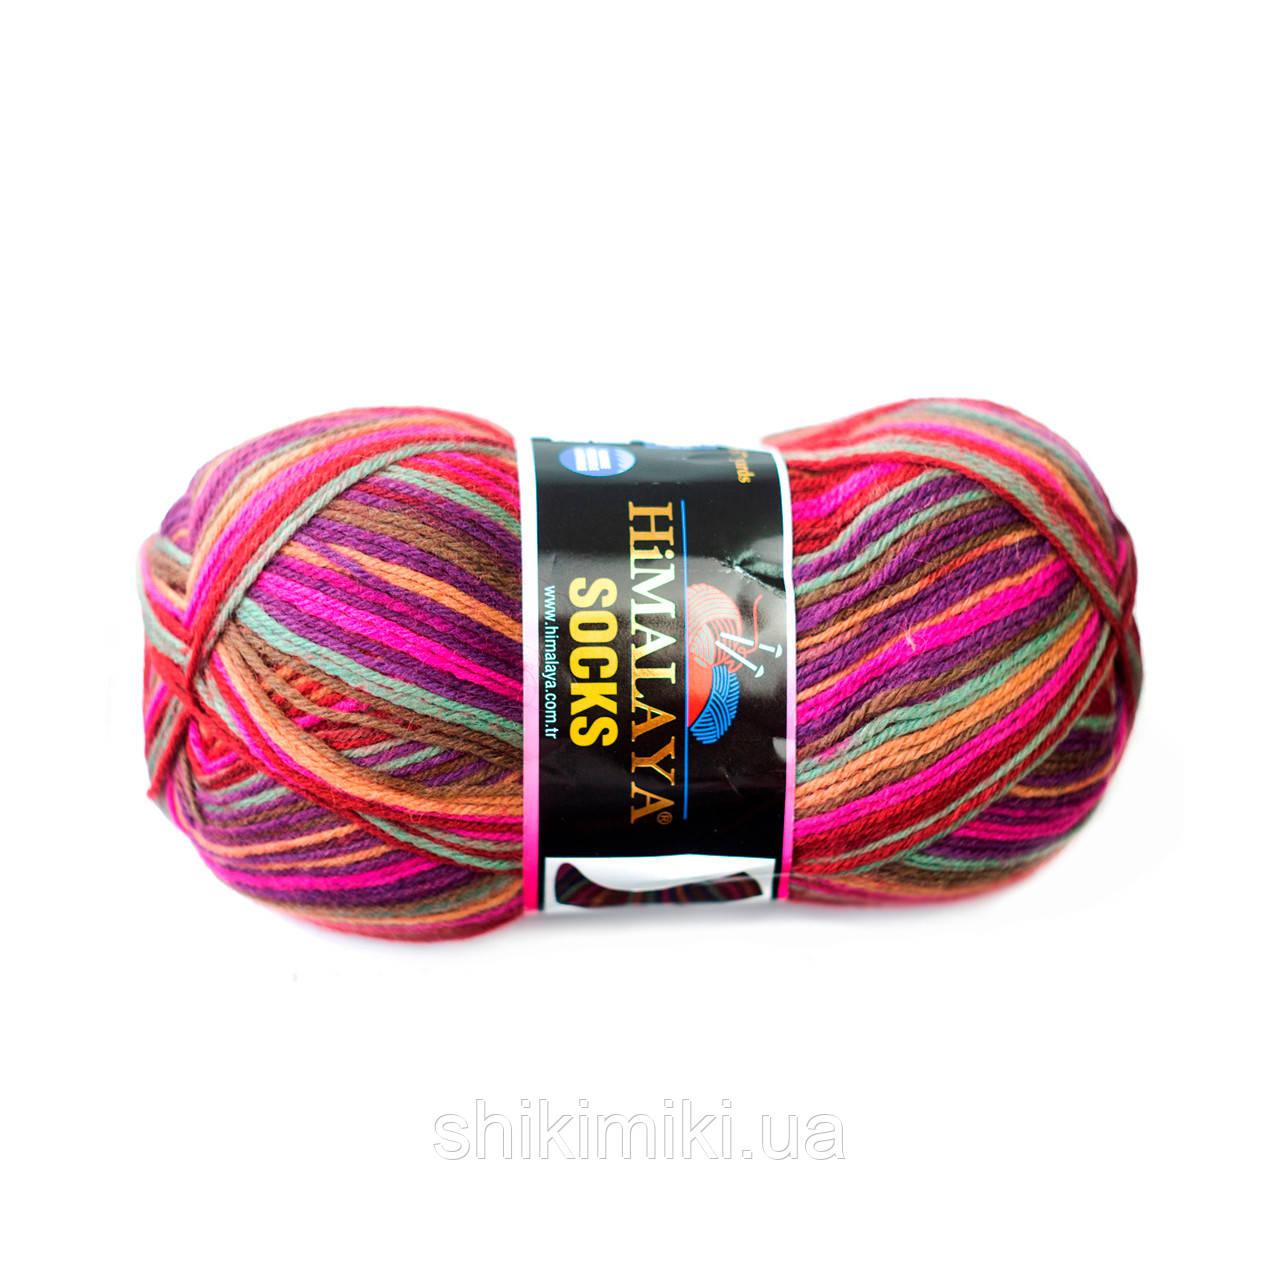 Пряжа Himalaya Socks №140-04